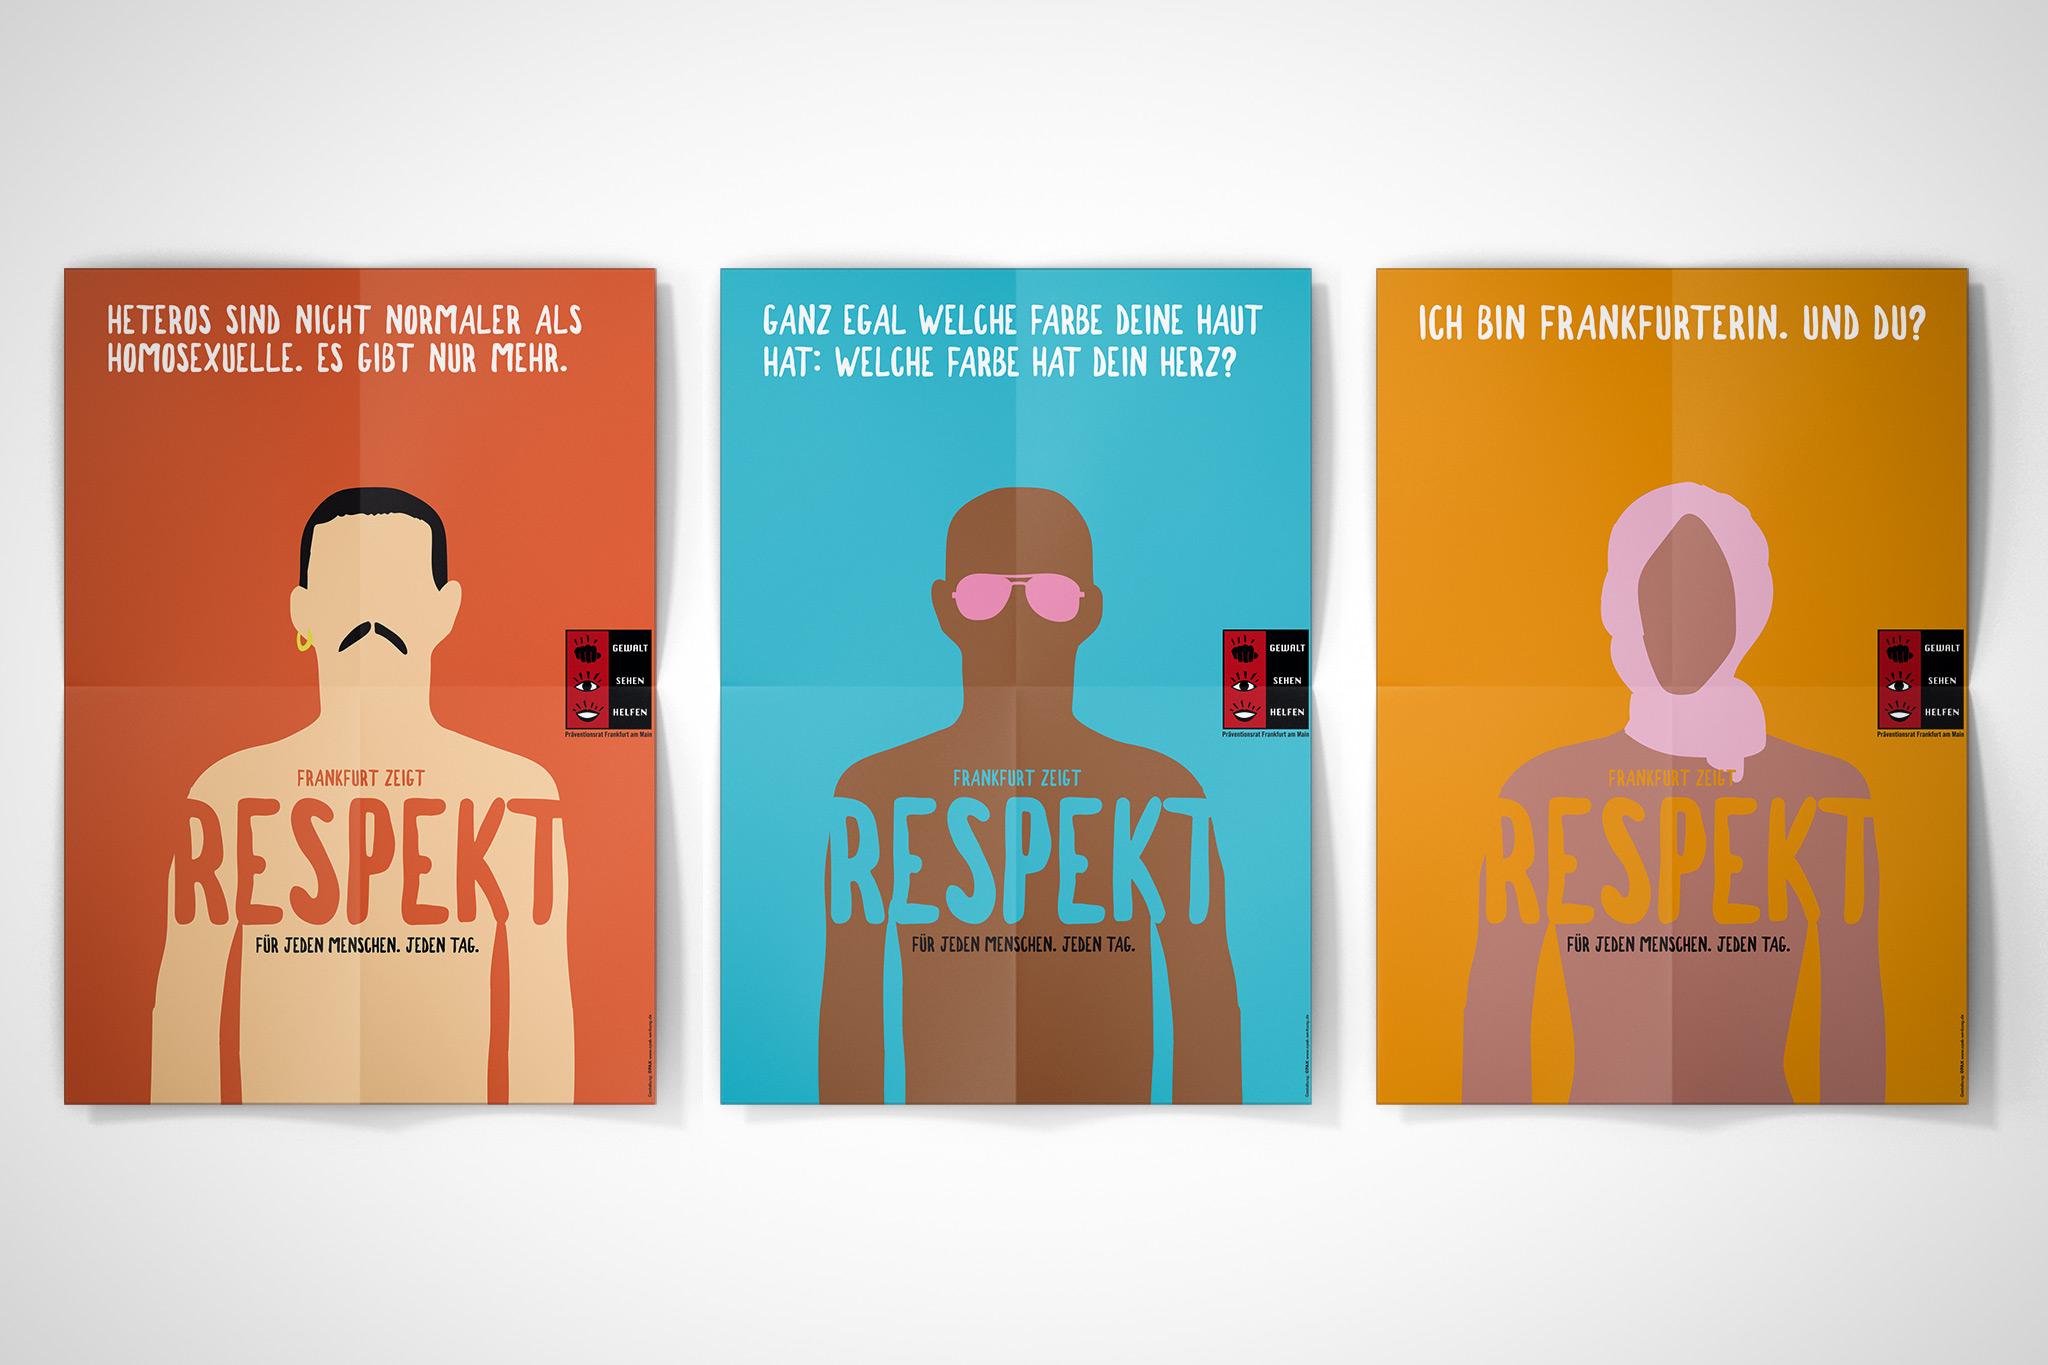 Respekt-Kampagne, Präventionsrat Frankfurt (2018) | Design: Johannes Willwacher (für OPAK)